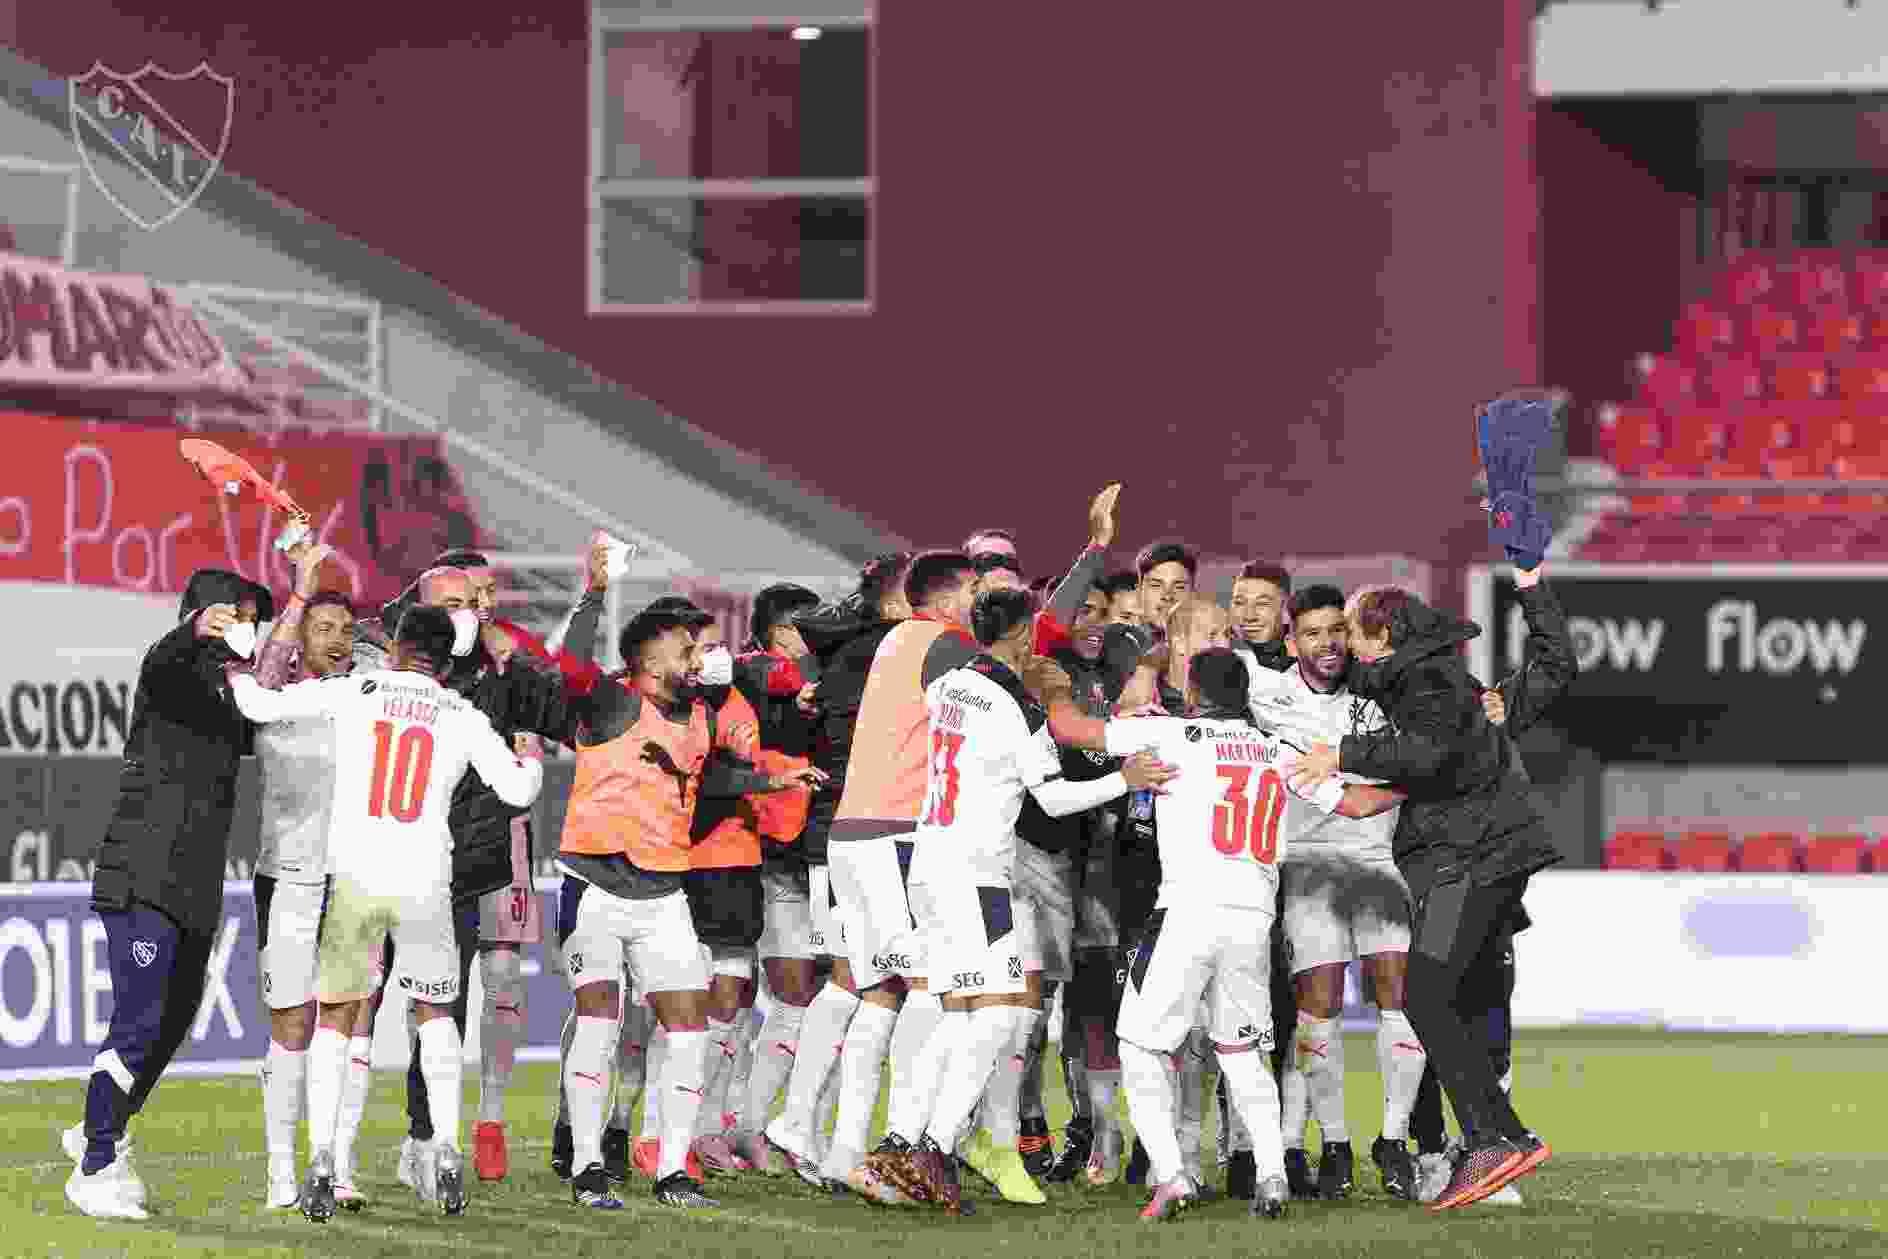 El Orgullo Nacional se medirá ante Colón en San Juan por la Copa de la Liga Profesional de Fútbol